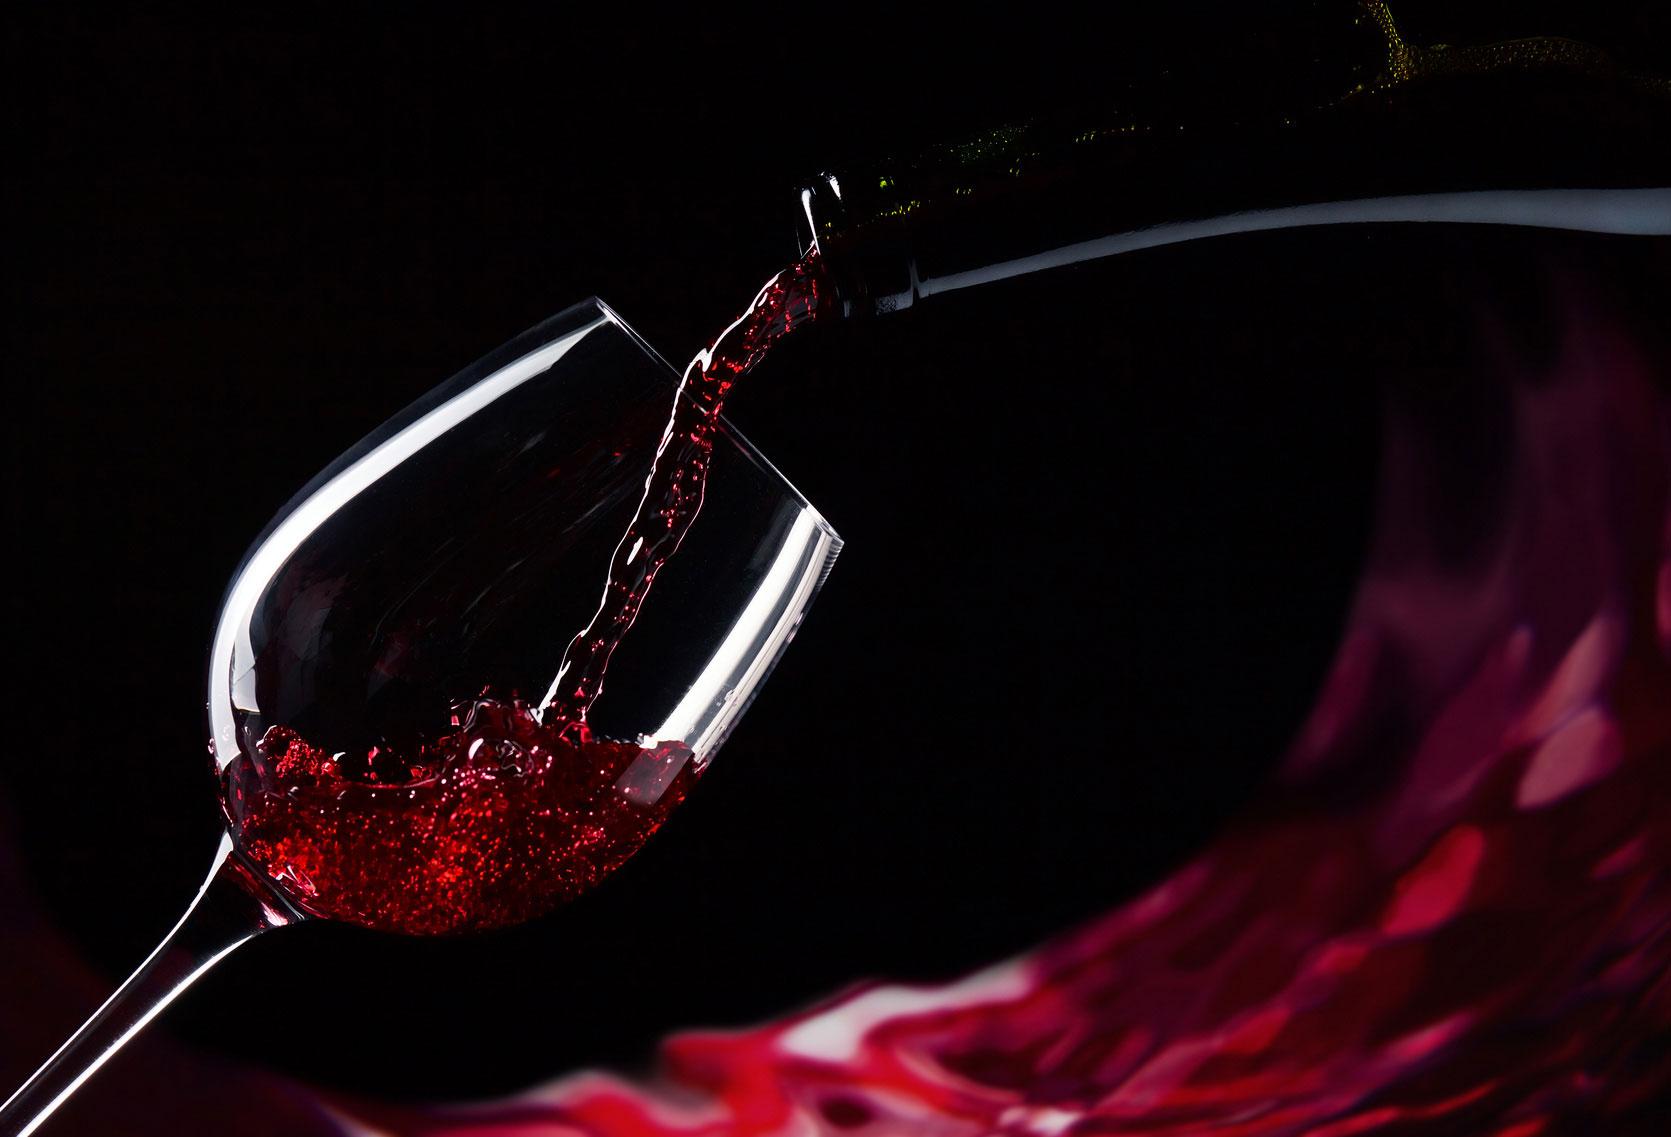 Një gotë verë e kuqe në ditë me të vërtetë e mban mjekun larg